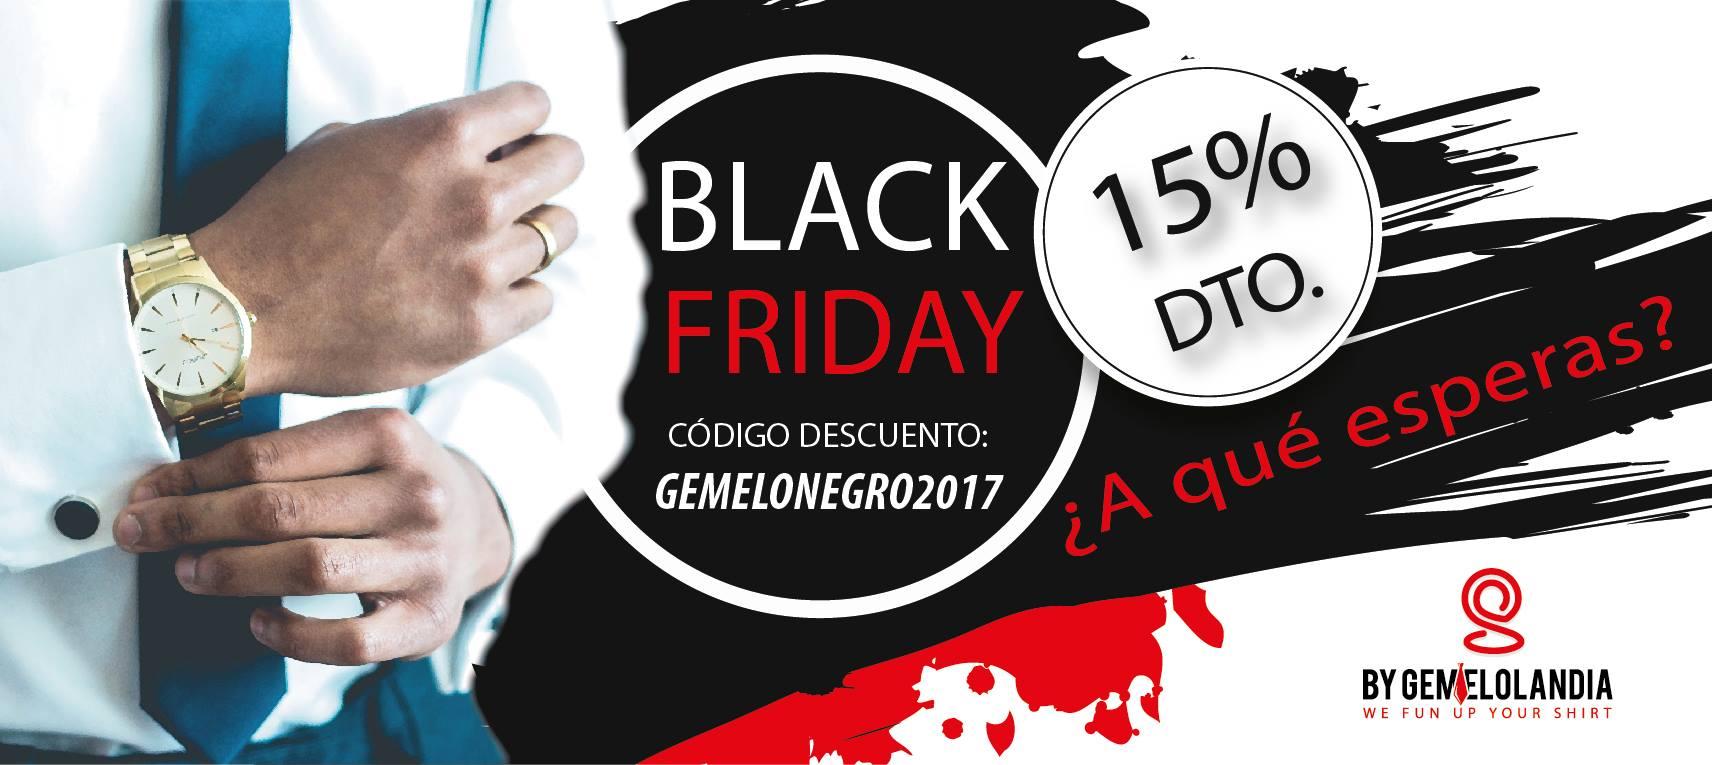 Black Friday en Gemelolandia - Usa el código descuento GemeloNegro2017 y aprovecha el 15% de descuento comprando gemelos para camisa